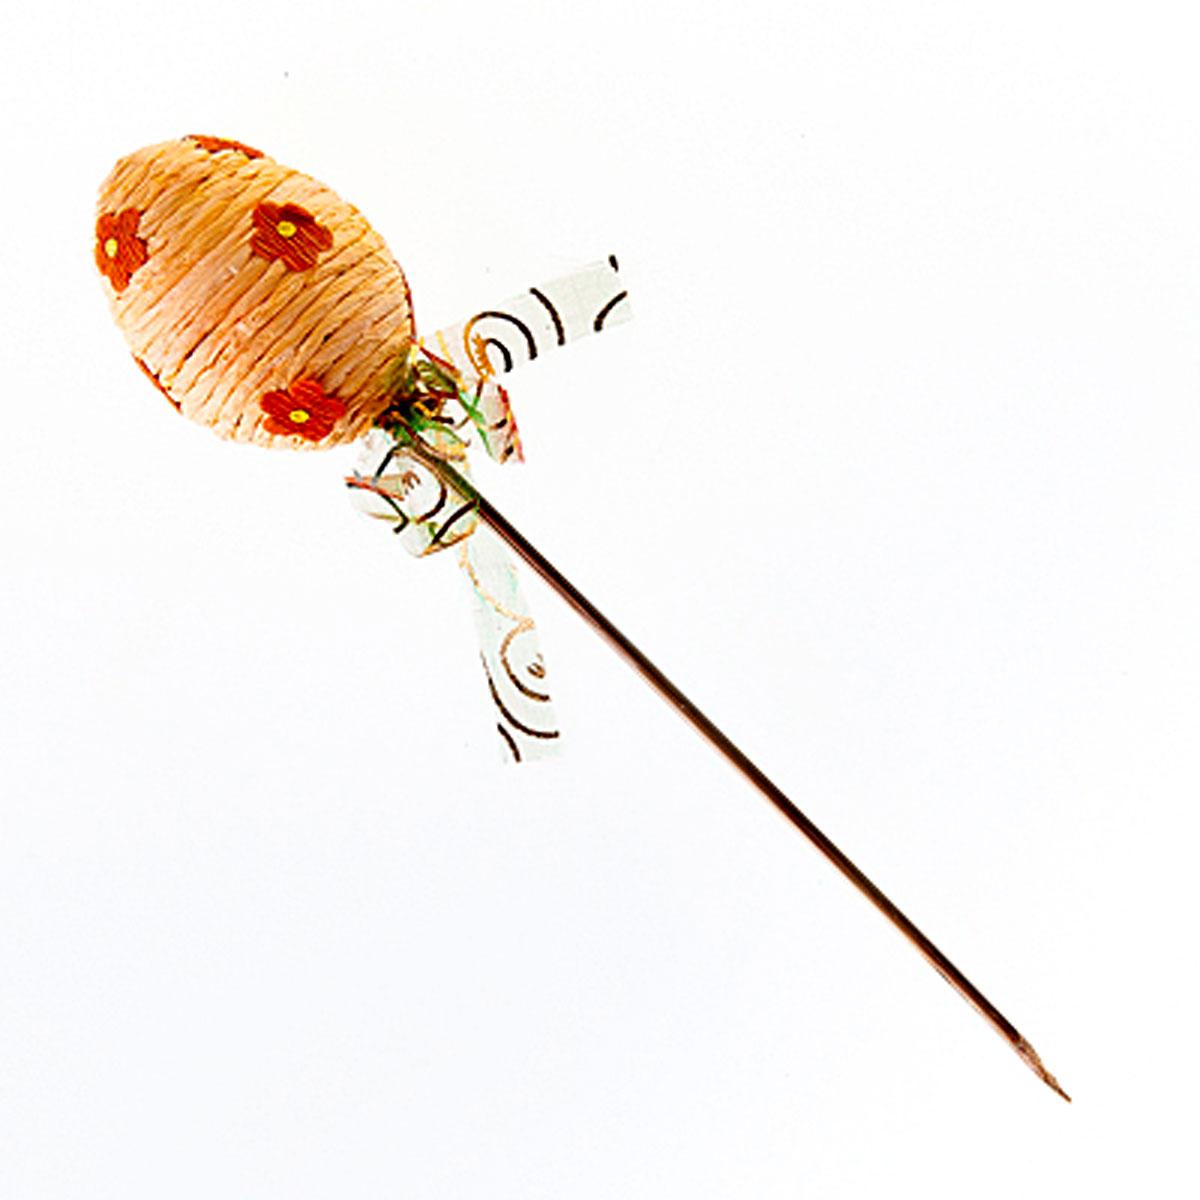 Декоративное украшение на ножке Home Queen Яйцо веселое, цвет: персиковый, высота 21 см60743_3Декоративное украшение Home Queen Яйцо веселое выполнено из пенопласта и бумаги в виде пасхального яйца на деревянной ножке, декорированного рельефными бумажными цветами. Изделие украшено полупрозрачной лентой.Такое украшение прекрасно дополнит подарок для друзей или близких на Пасху.Высота: 21 см. Размер яйца: 5 см х 5 см.